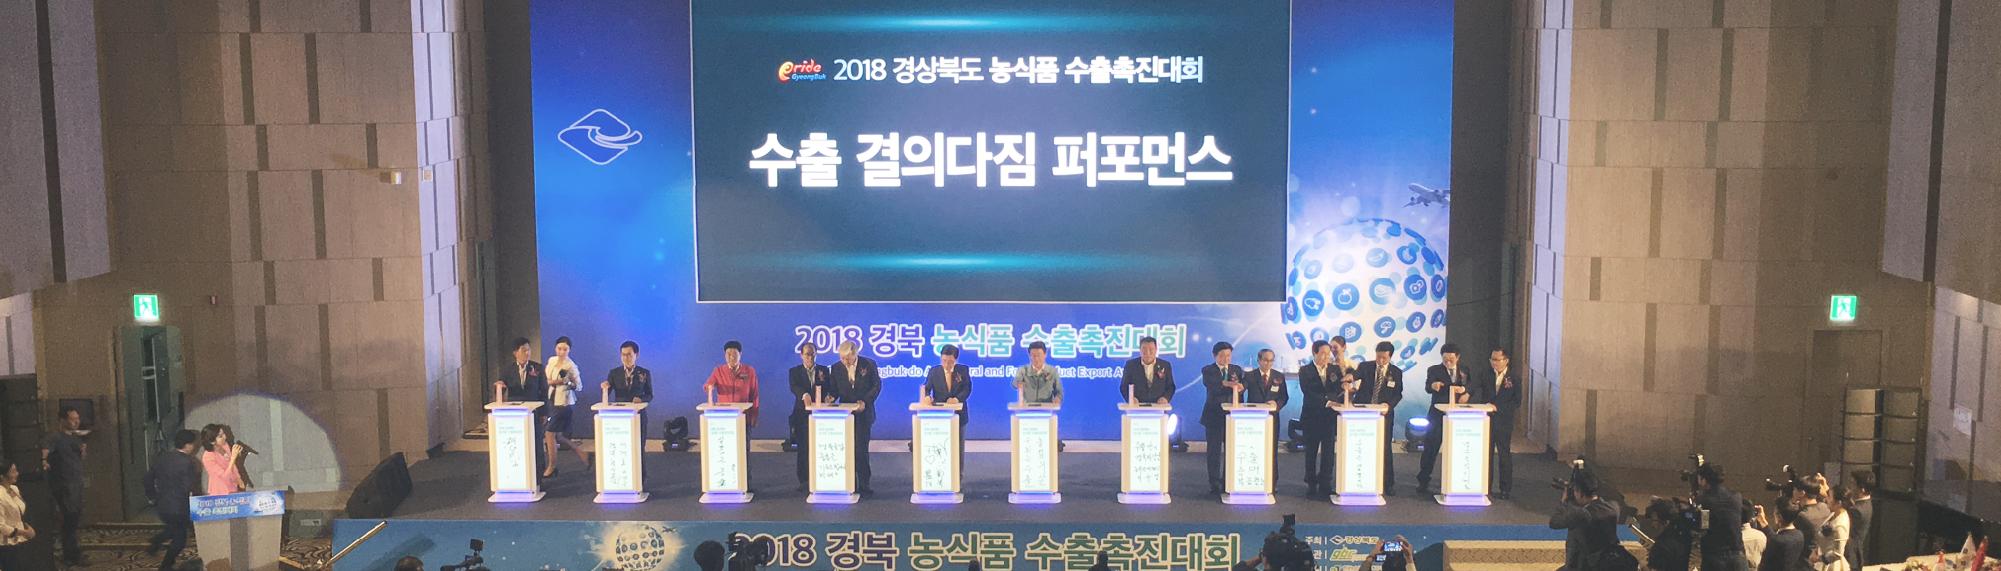 2018 경상북도 농식품 수출촉진대회